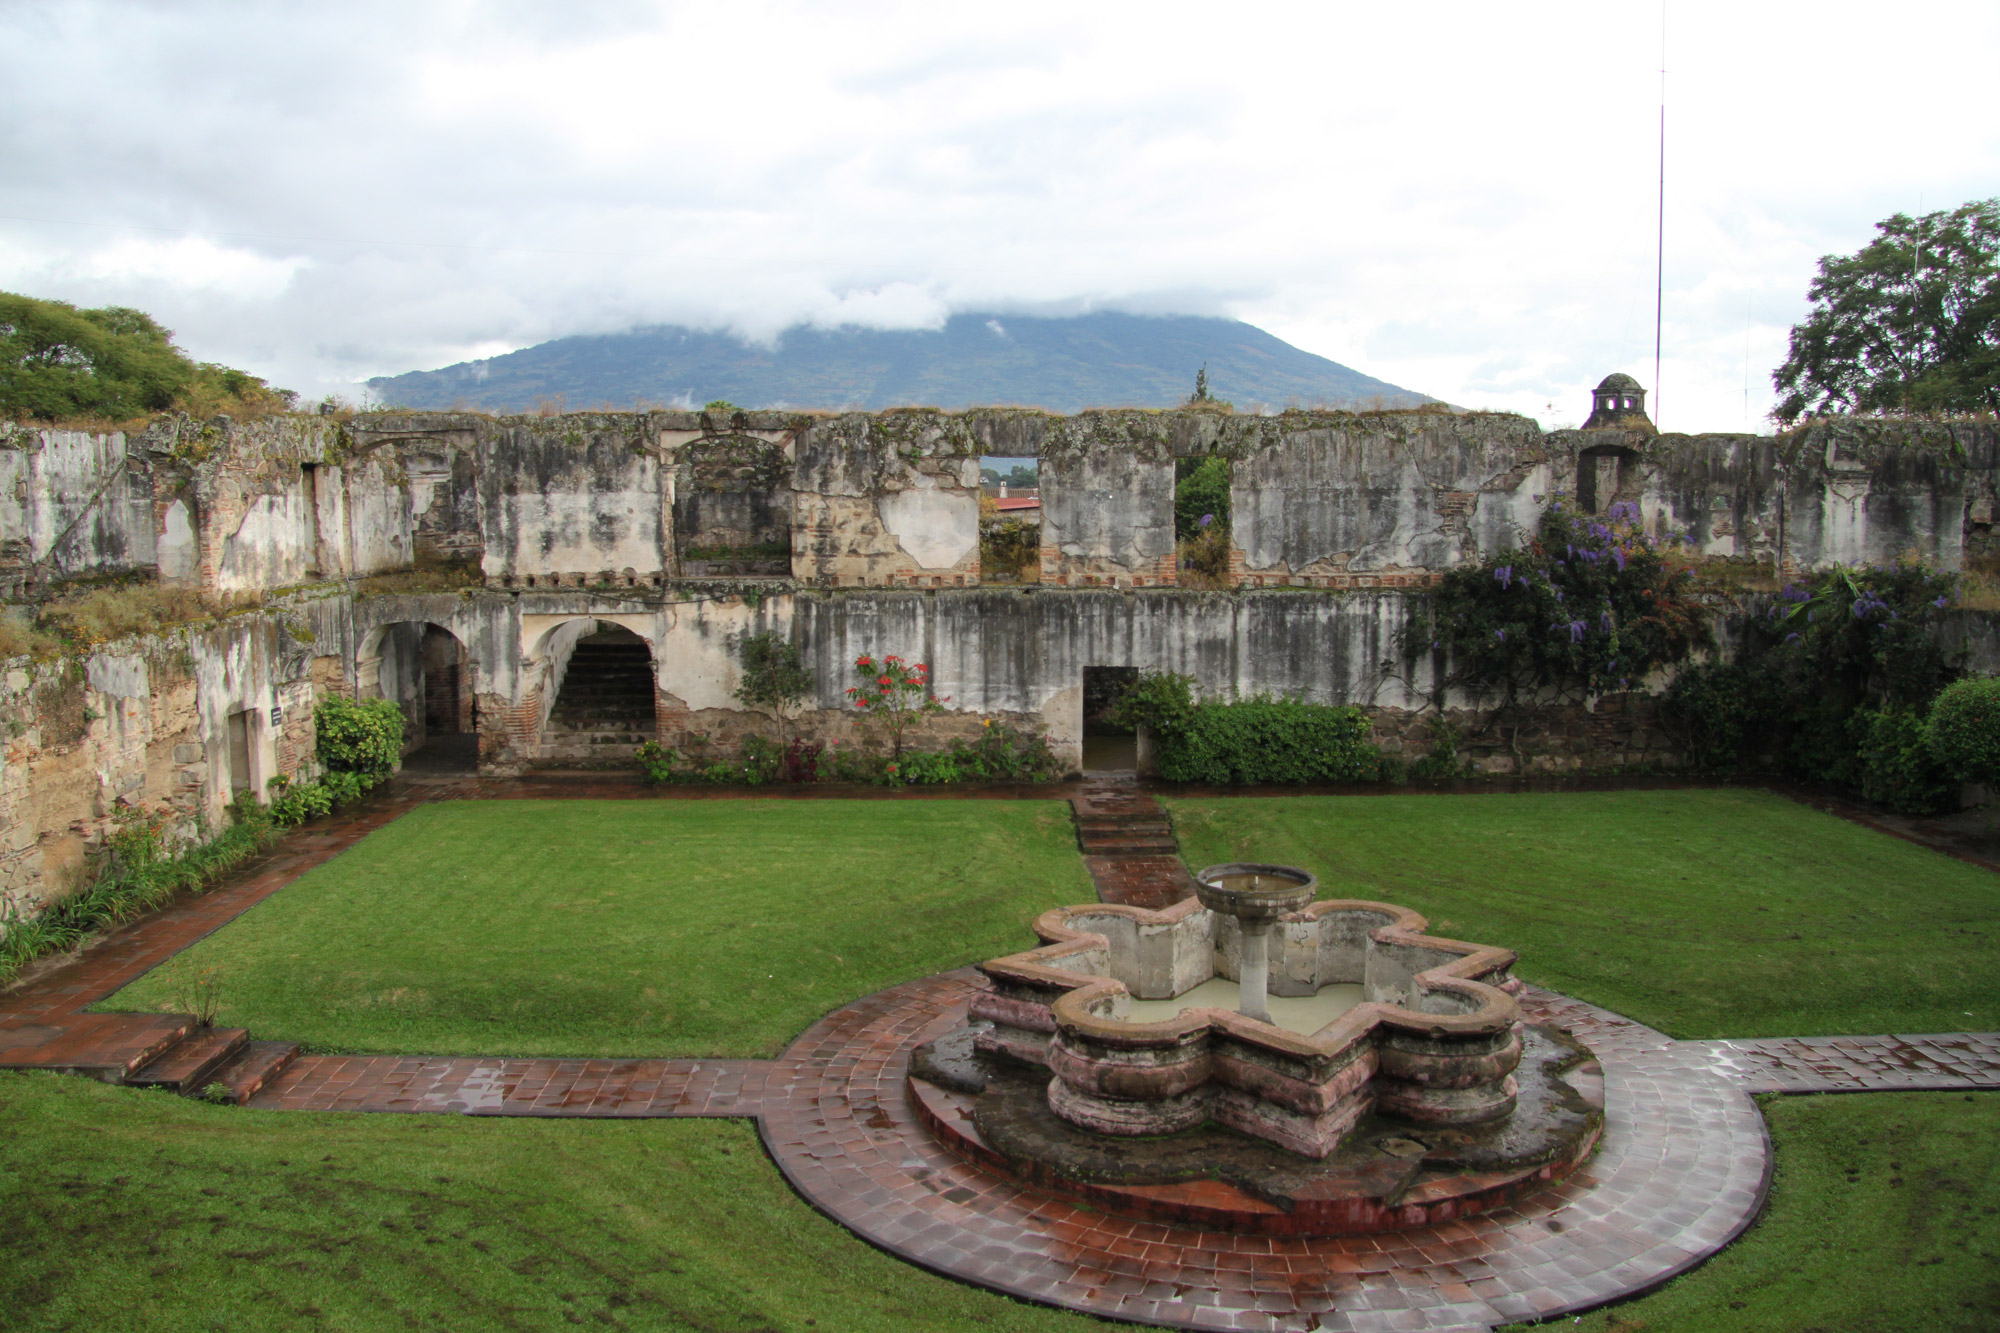 De ruïnes van Antigua - Colegio de San Jeronimo